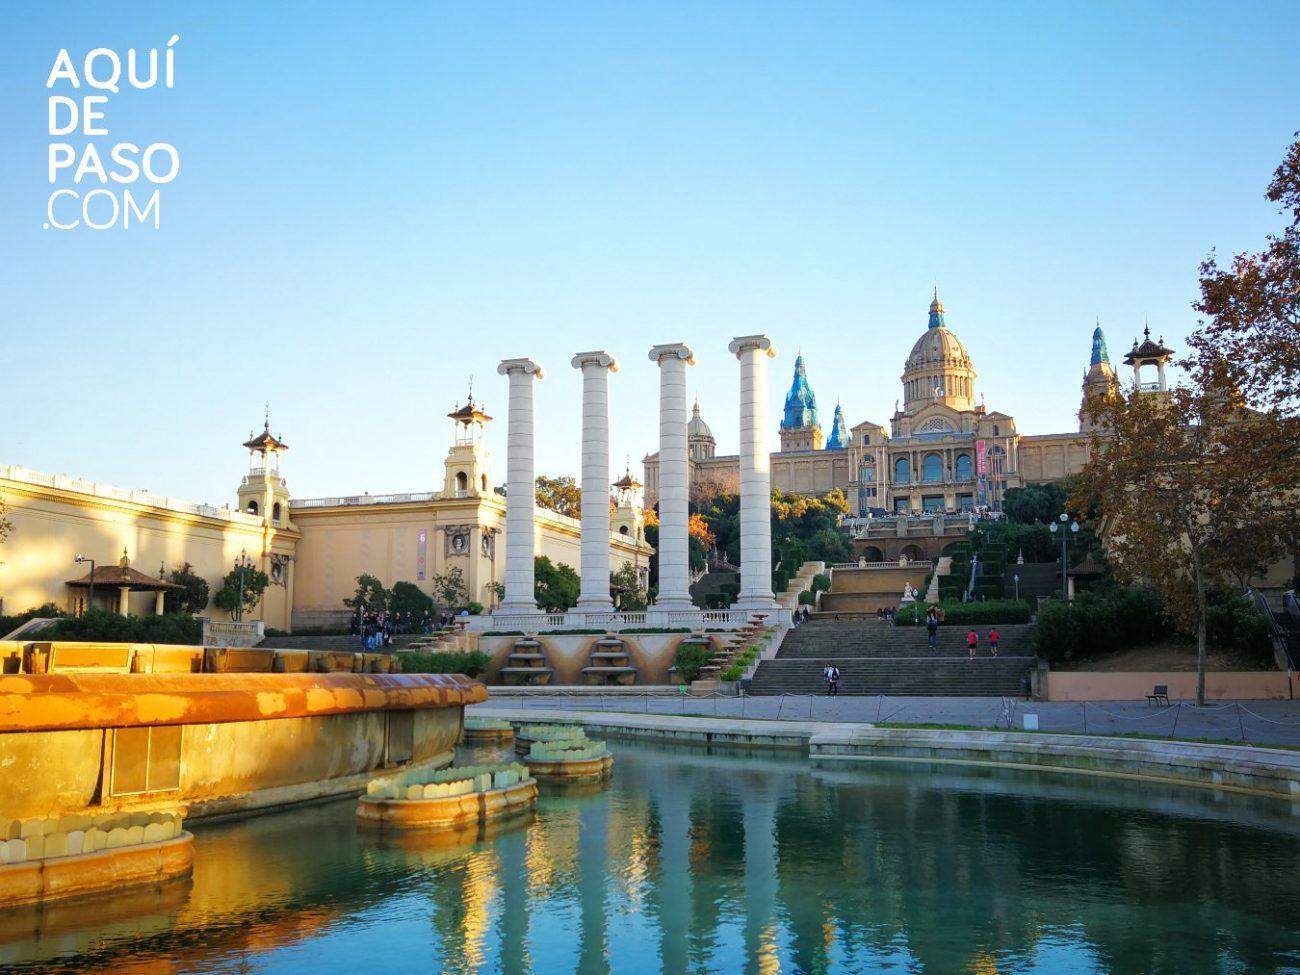 Guía de Barcelona - Aquidepaso. com